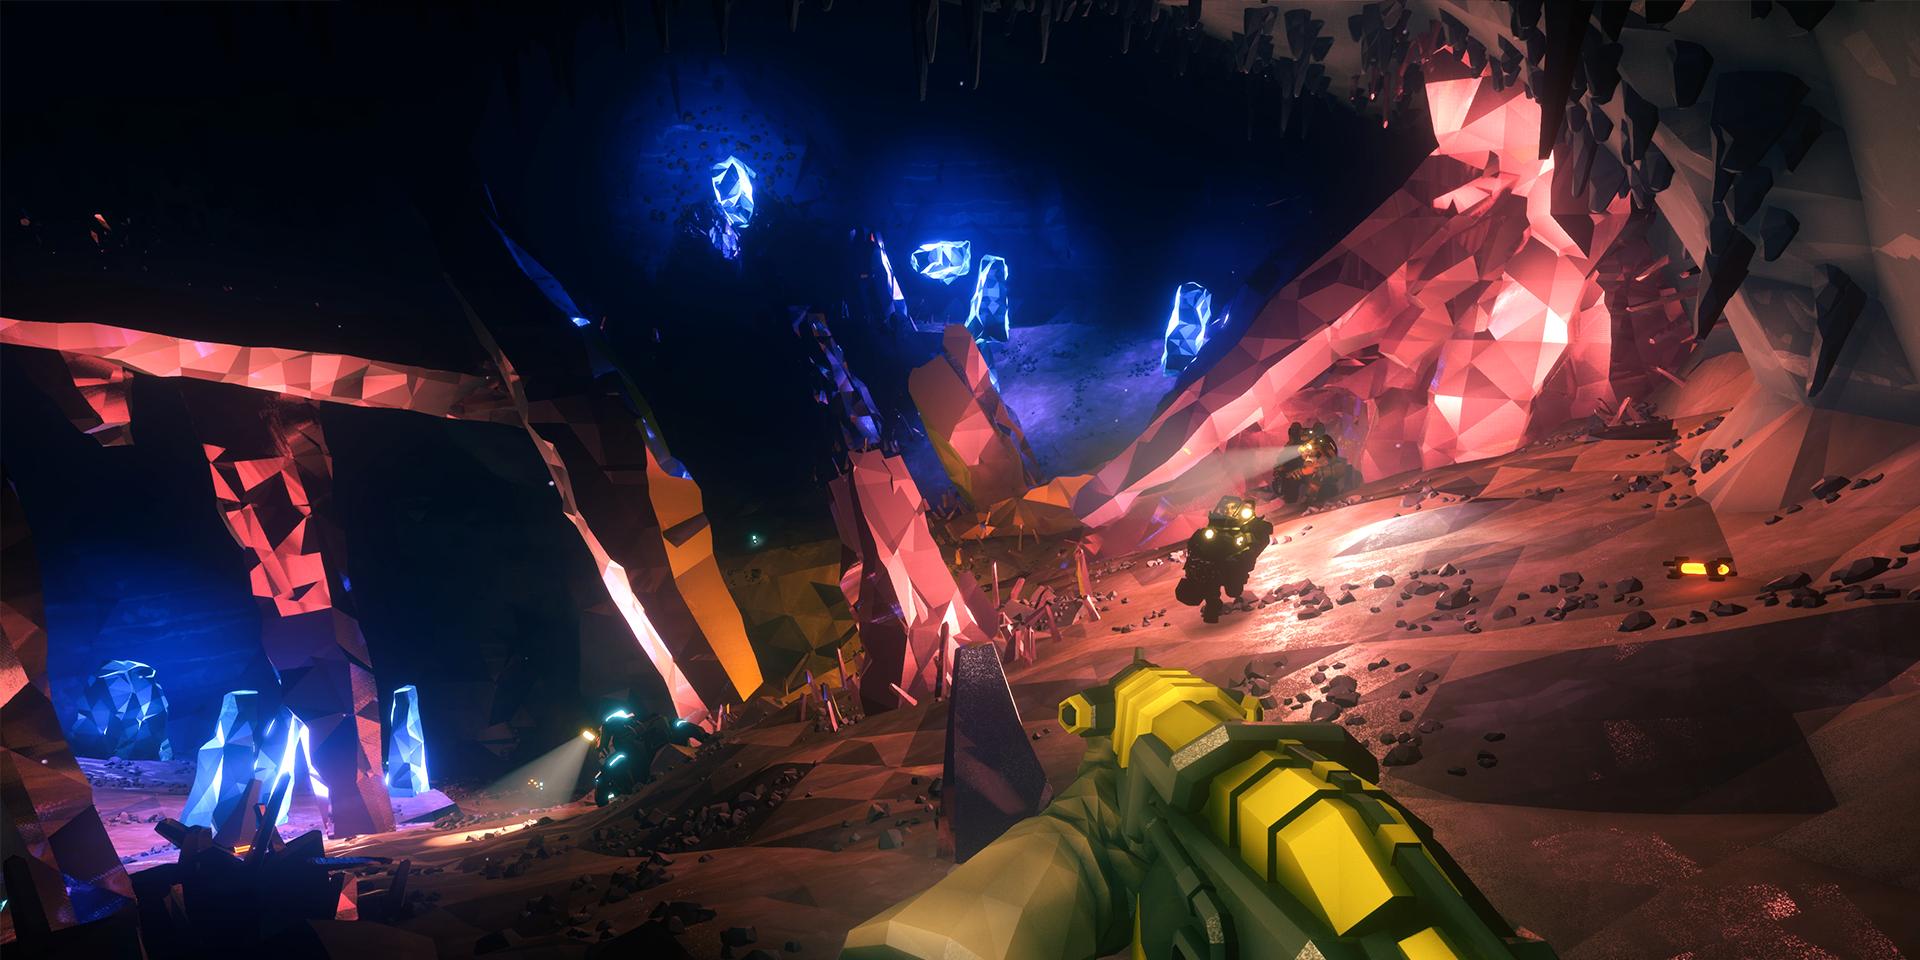 ドワーフ達が銃を携えて危険な宇宙の鉱山に挑む『Deep Rock Galactic』制作ストーリー